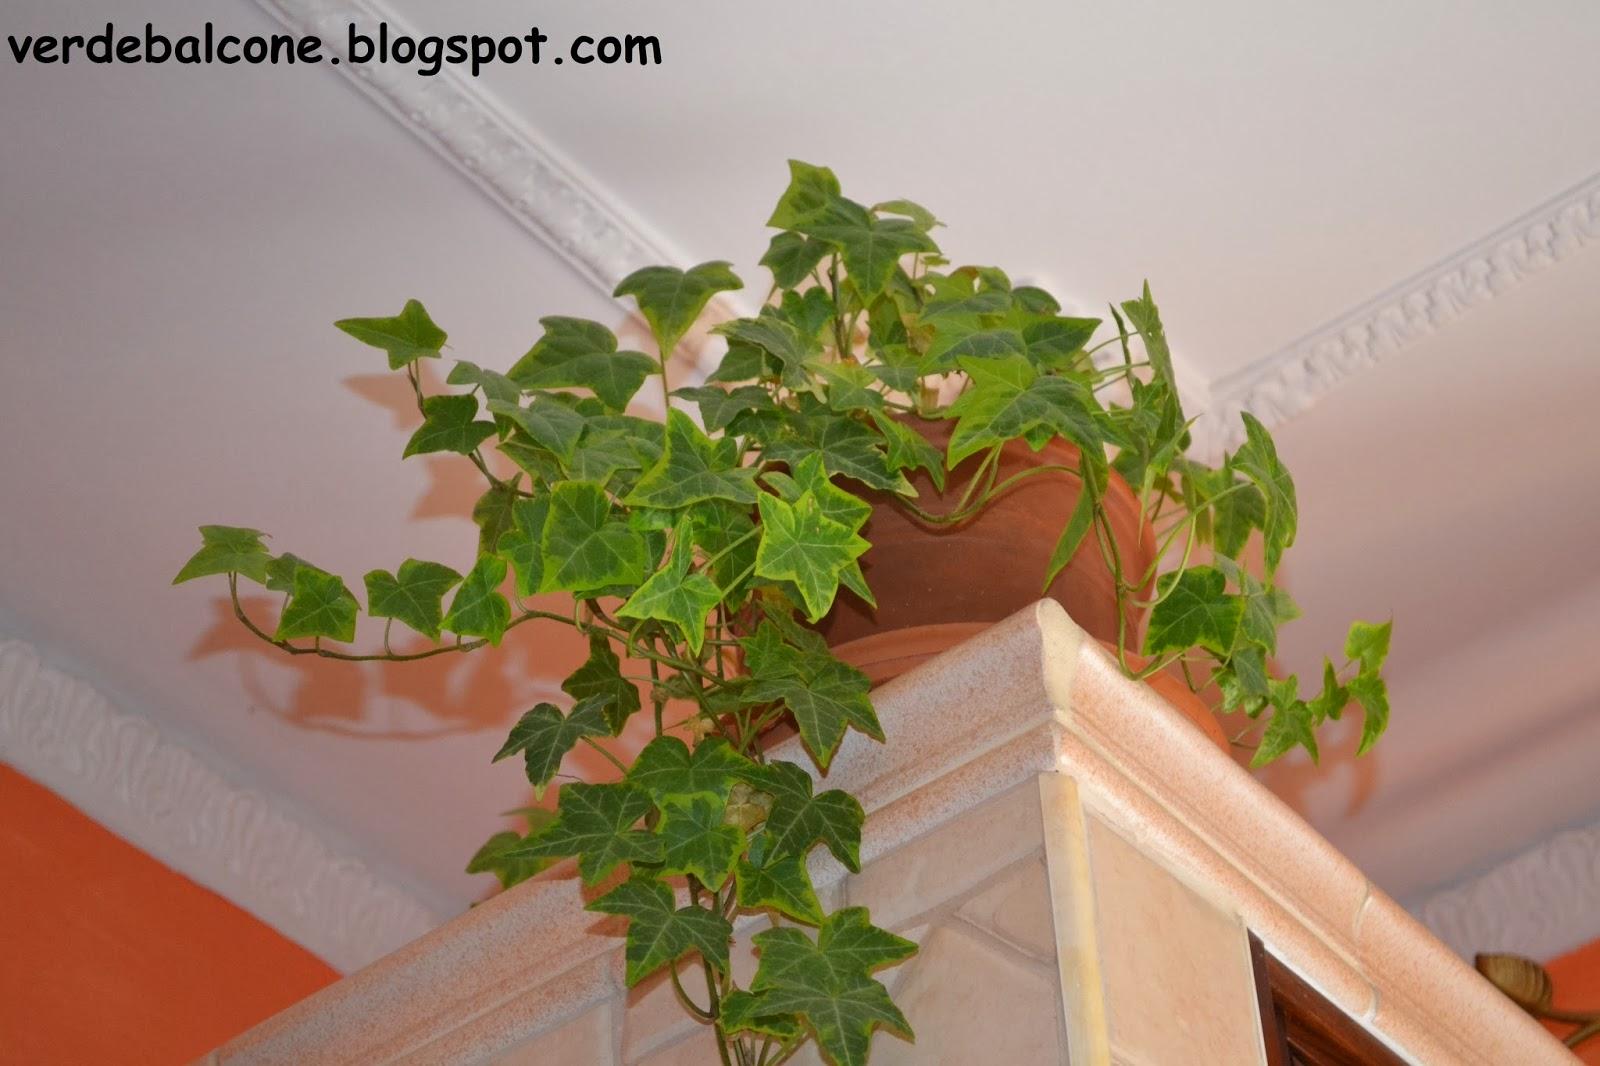 Verde balcone edera regina degli interni - Piante rampicanti da interno ...